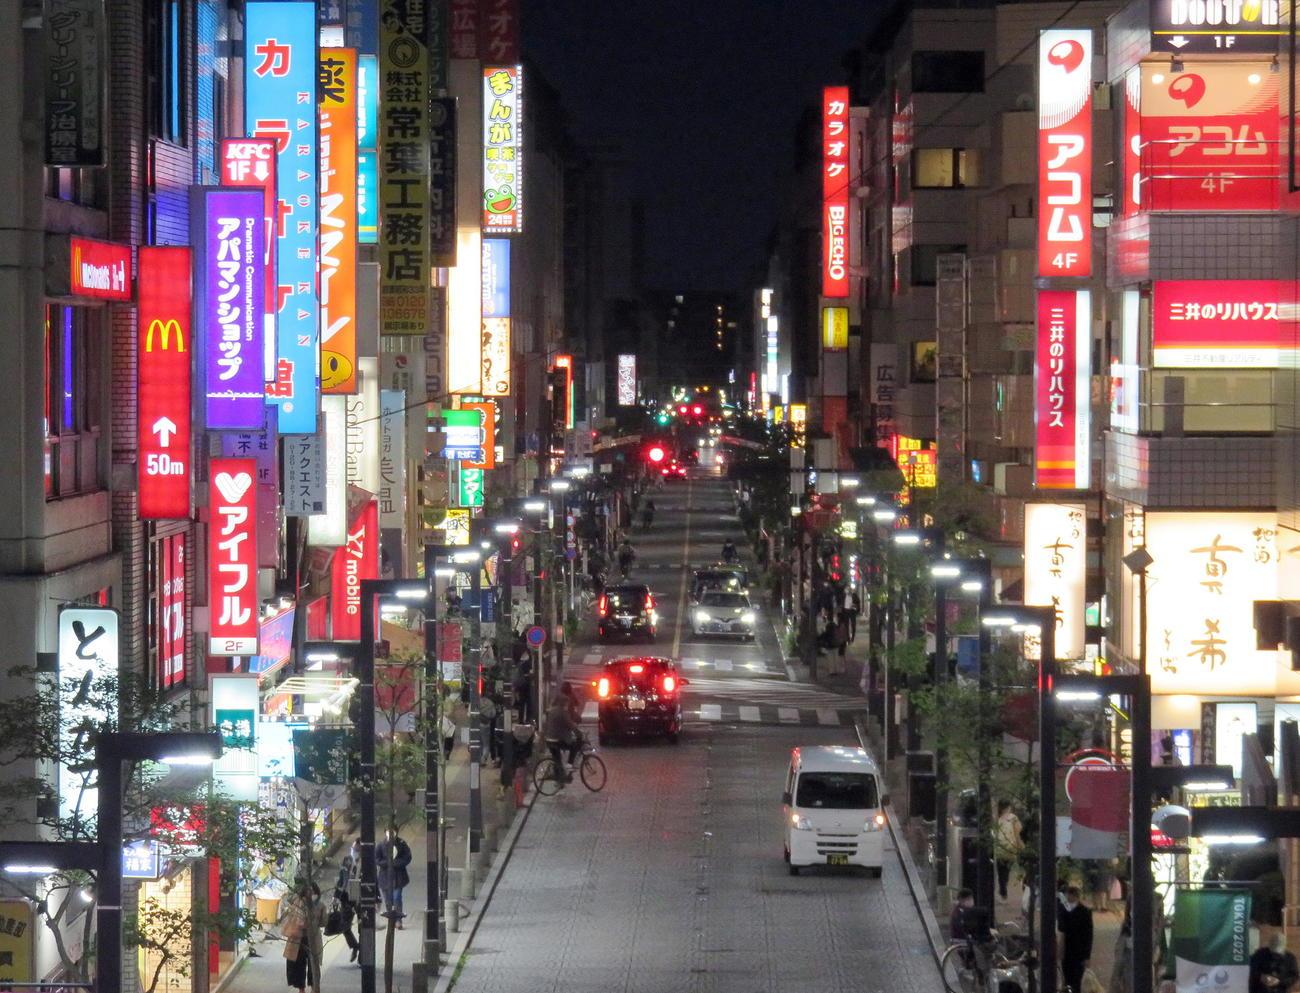 JR三鷹駅南口のネオンが輝く歓楽街(撮影・鎌田直秀)